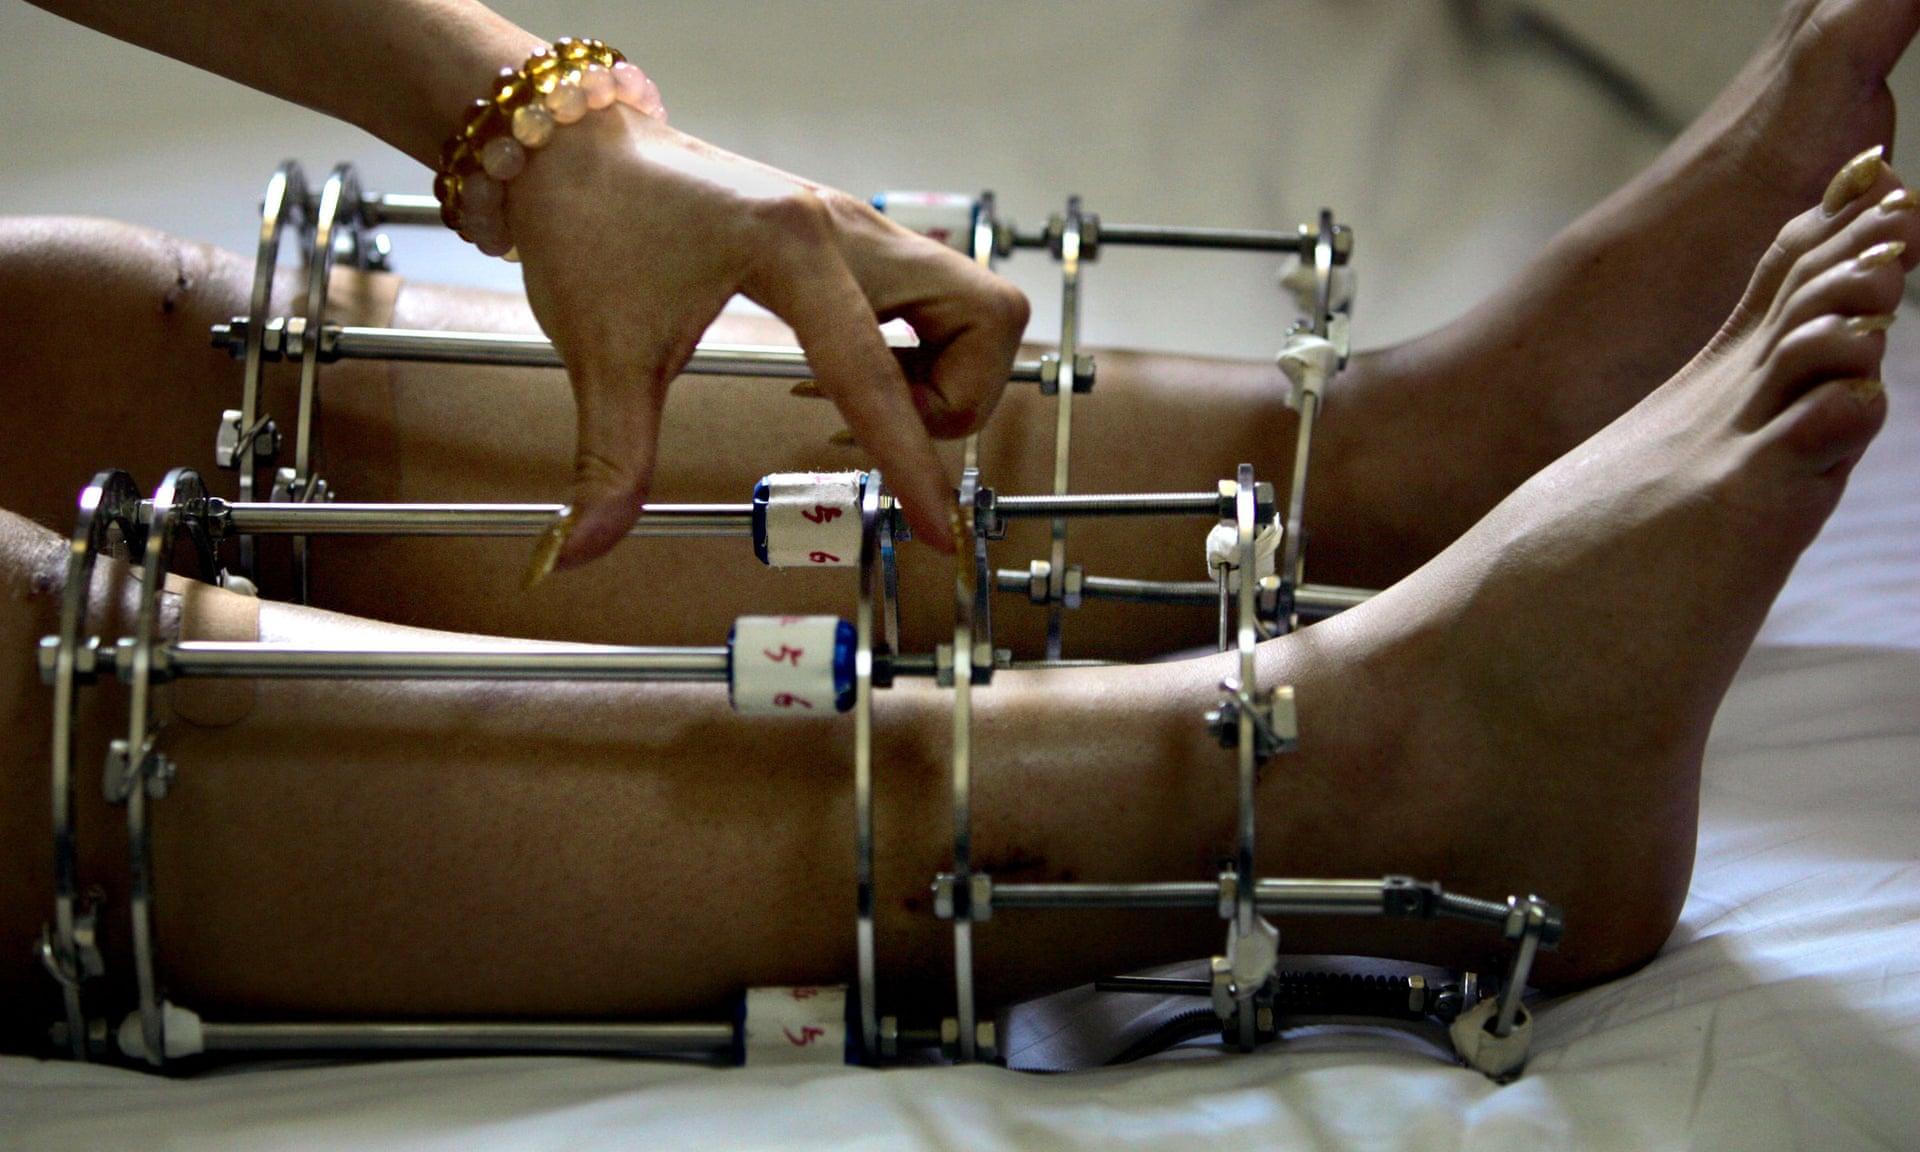 أرجلٌ مثبتٌ عليها أجهزةٌ إطالة الأطراف